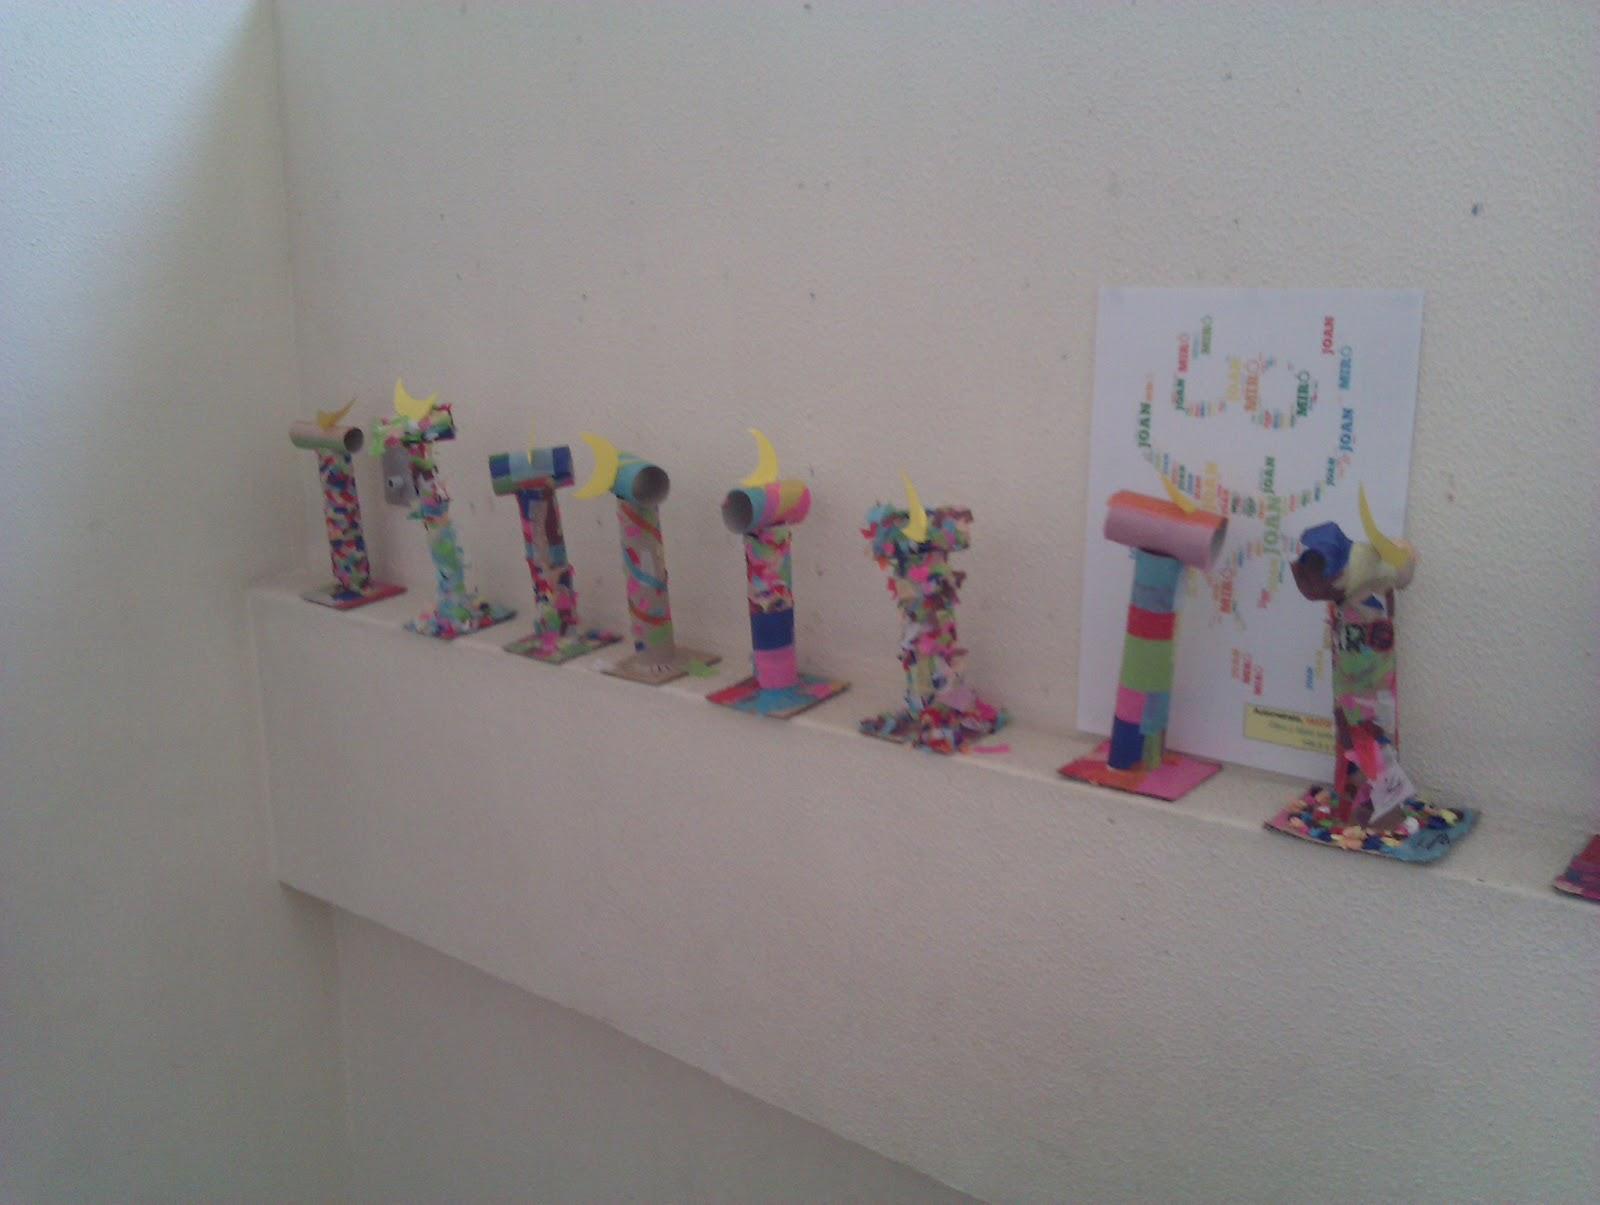 Esculturas de mir recicladas manualidades infantiles - Manualidades infantiles recicladas ...